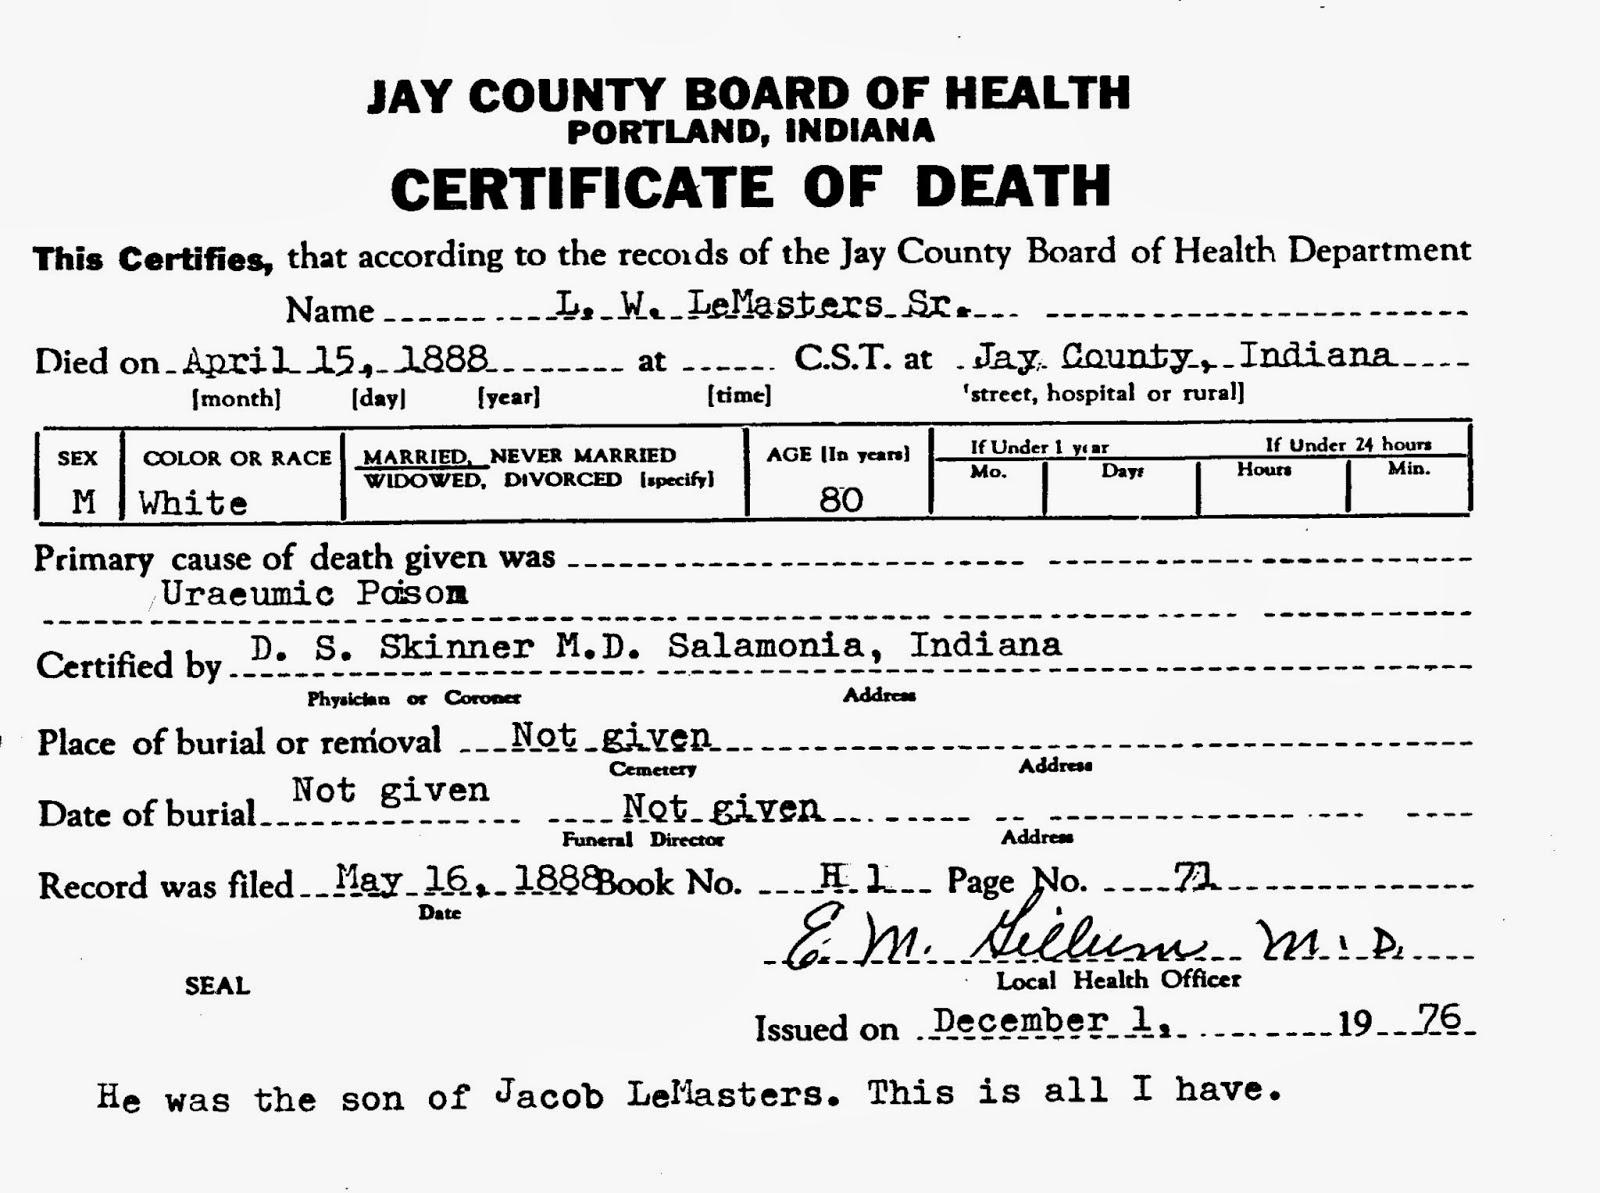 Death Certificate Luman Walker Lemasters Sr 1808 1888 Jay